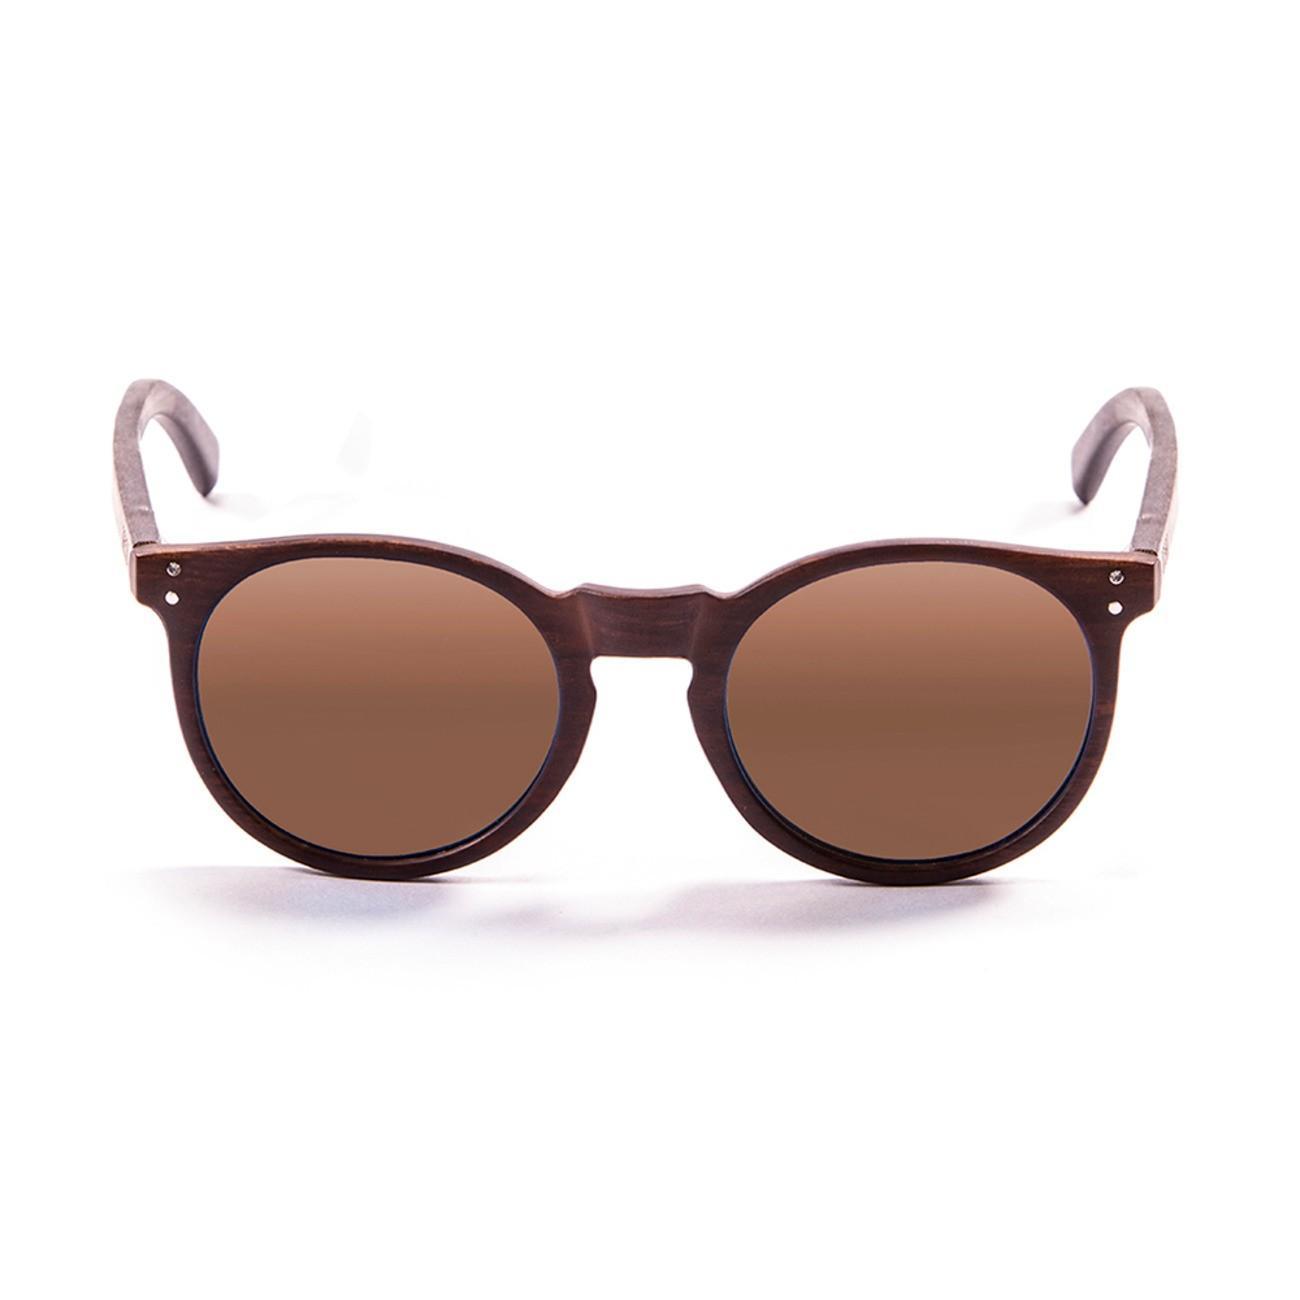 Ocean sunglasses ocean akiniai nuo saul s - Ocean sunglasses ...